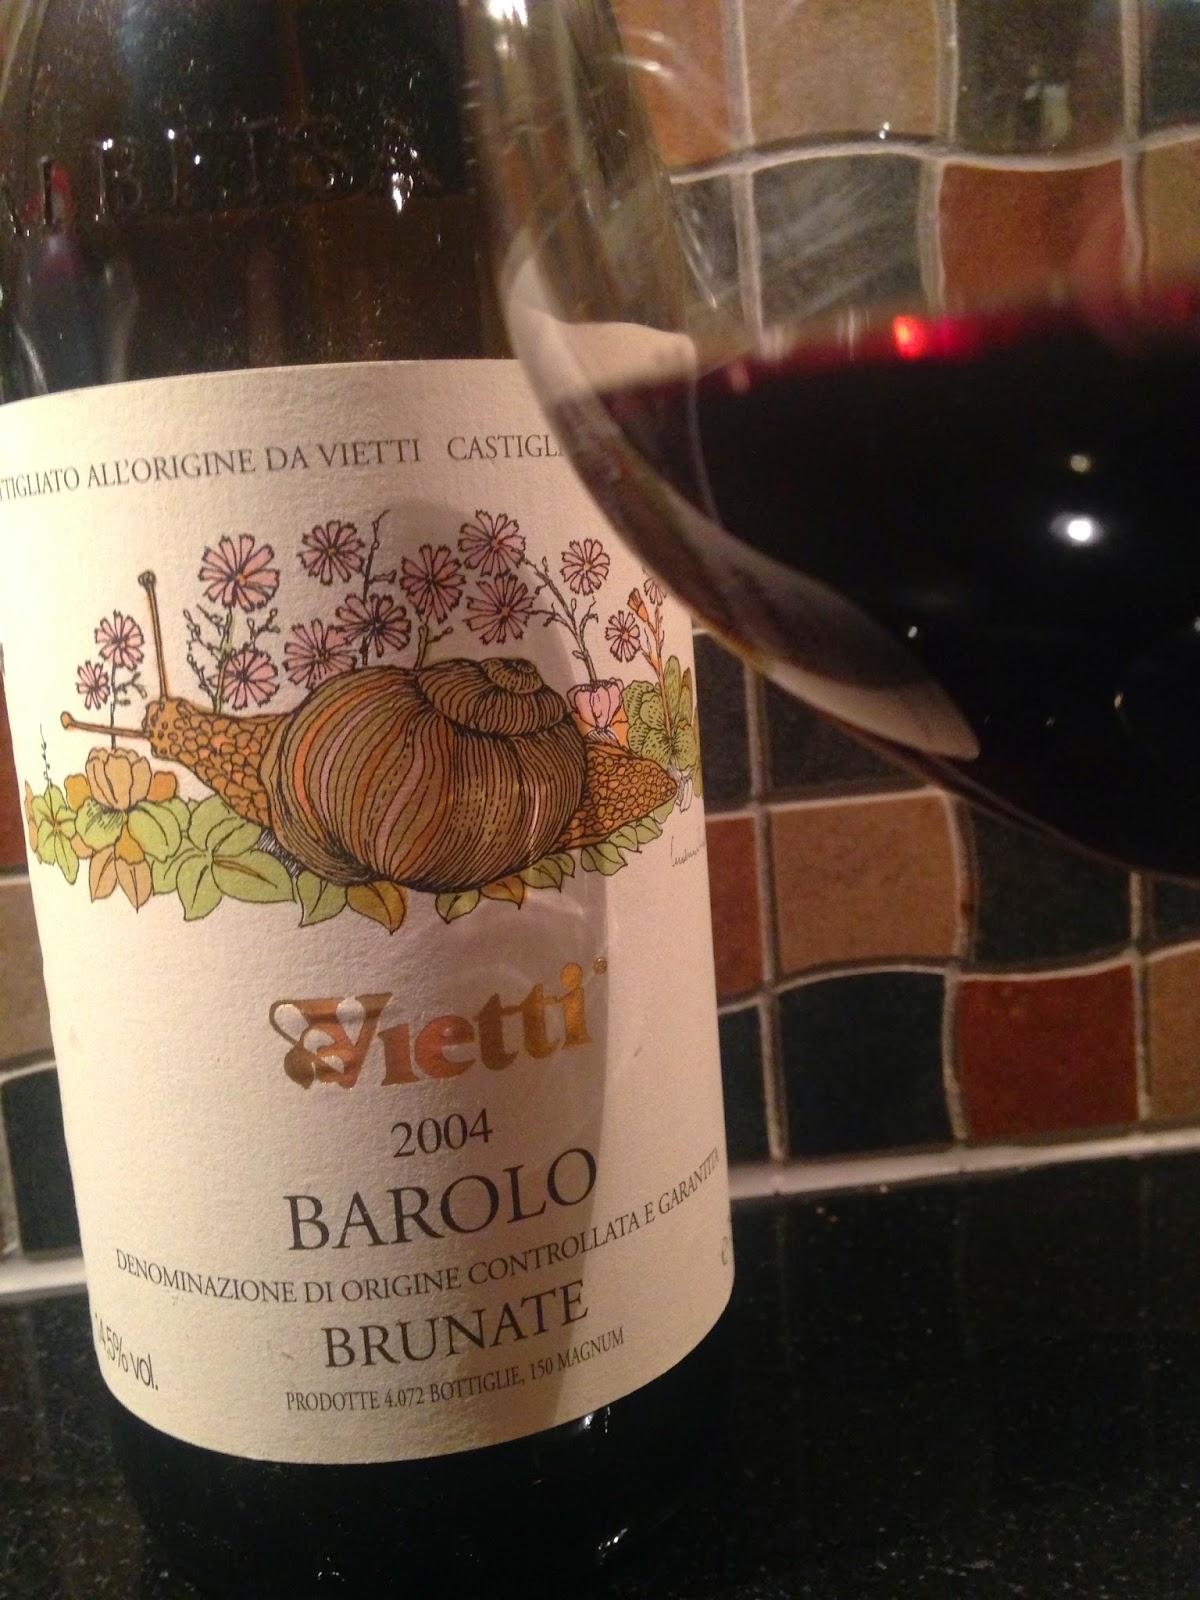 Barolo Brunate 2004 2004 Barolo Brunate Vietti